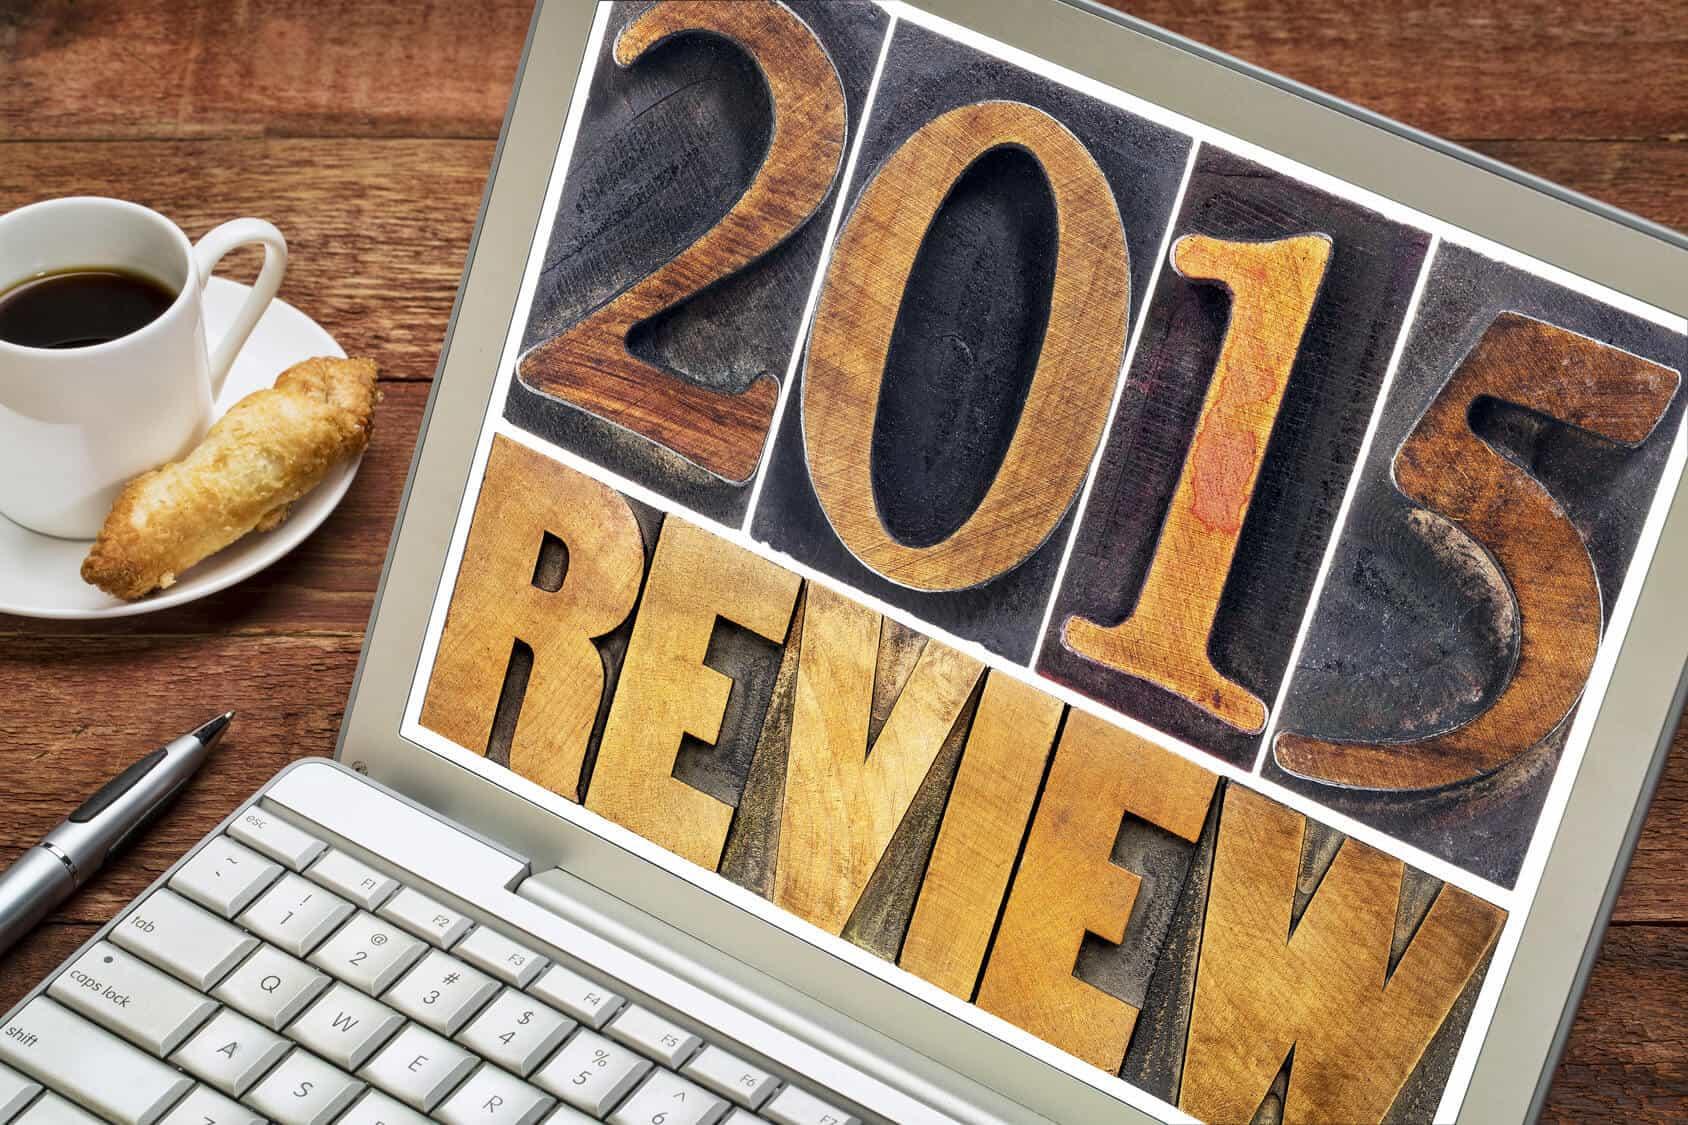 Content-Marketing Rückblick 2015 - Die 90 interessantesten Artikel © Fotolia 2015 Marek